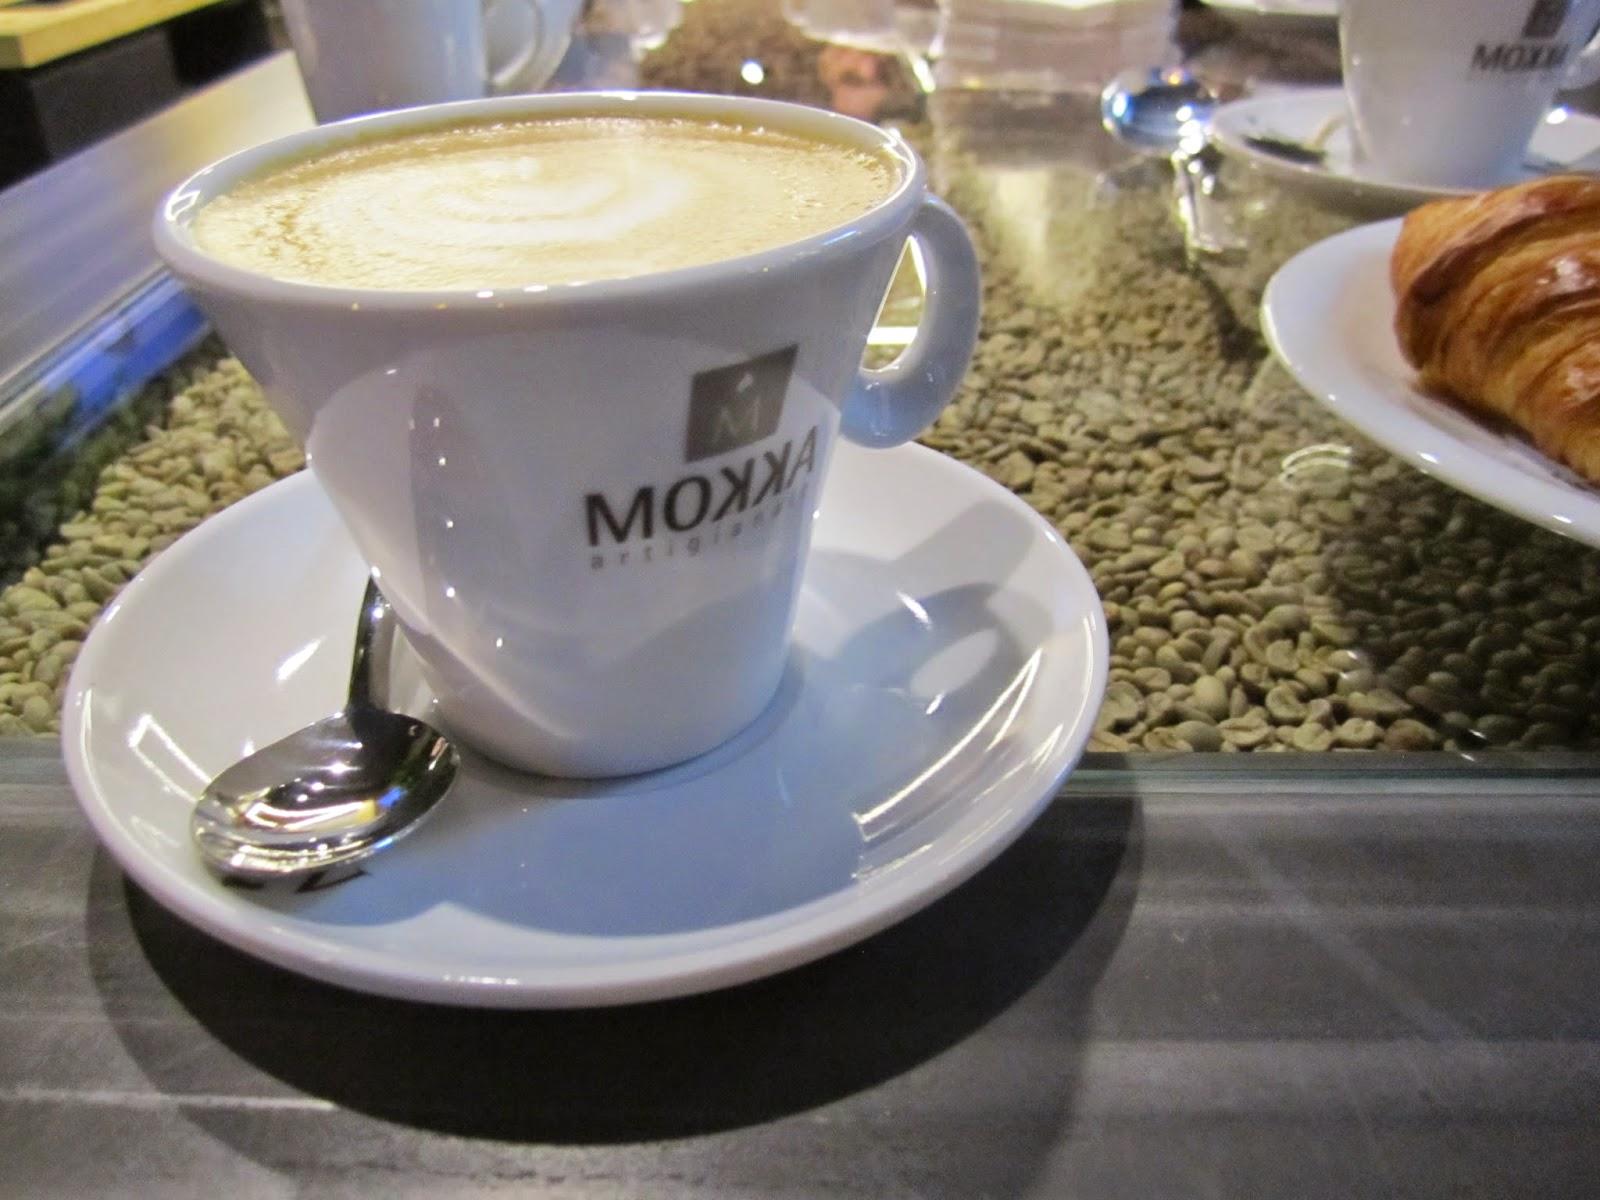 Cata Cafe Te Mokka Exxum Shop Esencia Trendy foody gastro experiencia estilo